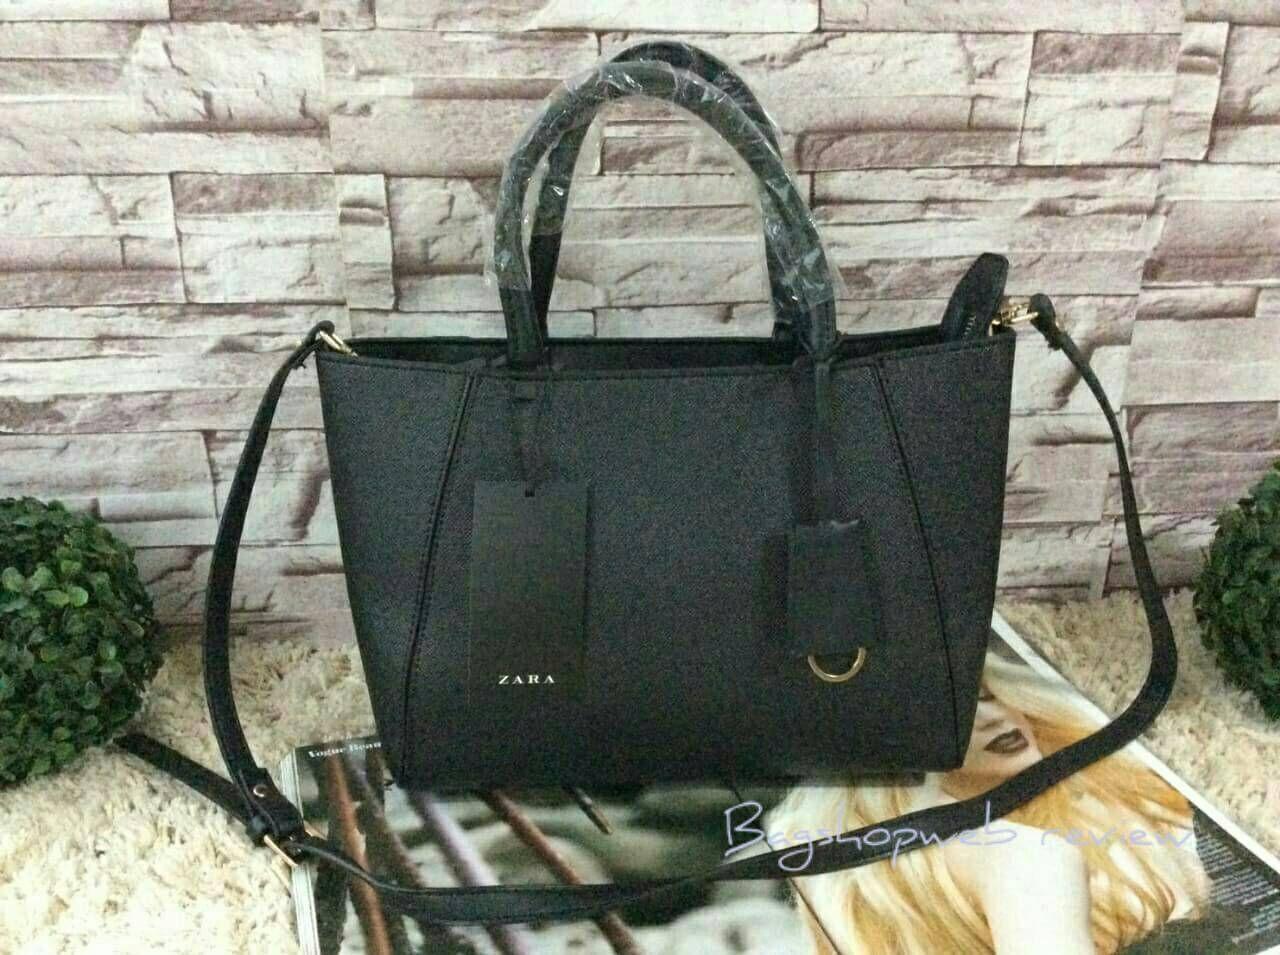 Mini leather tote bag zara -  Zara Mini Format Tote Bag 1 290 Ems